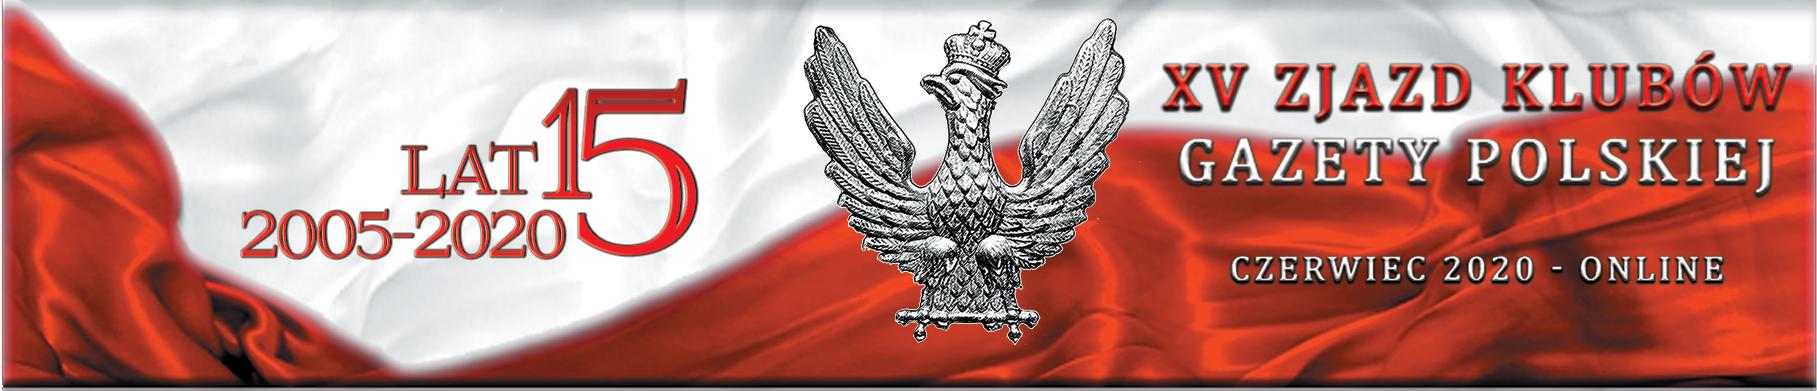 Zjazd Klubów GP - 15 lat_3